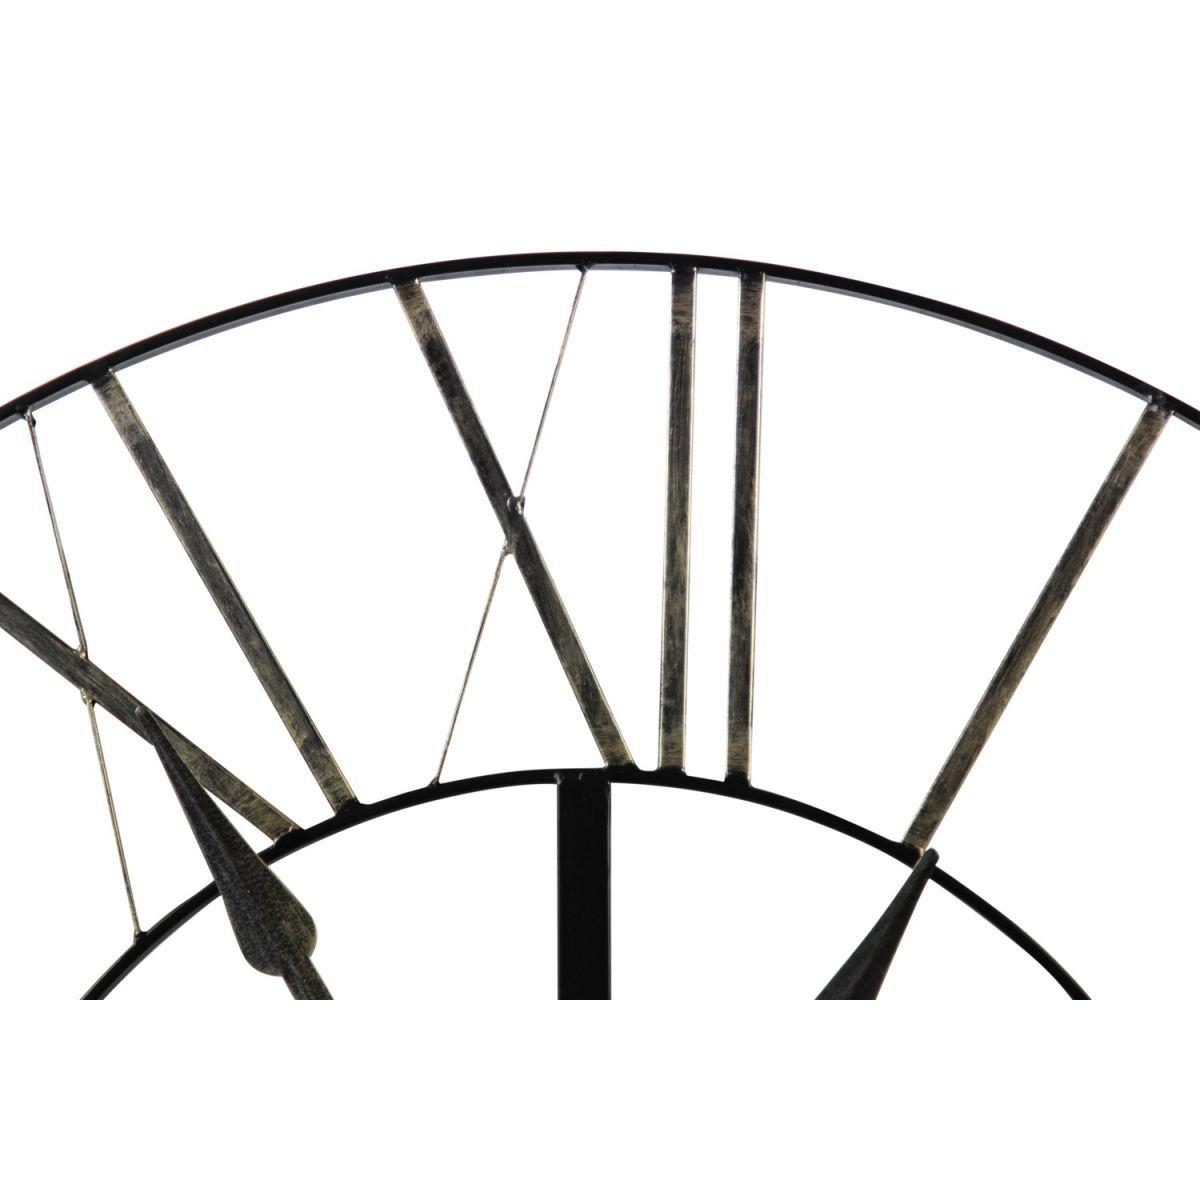 Grosse Horloge Fer Forgé grande horloge ancienne fer forgé 90cm - taille : taille